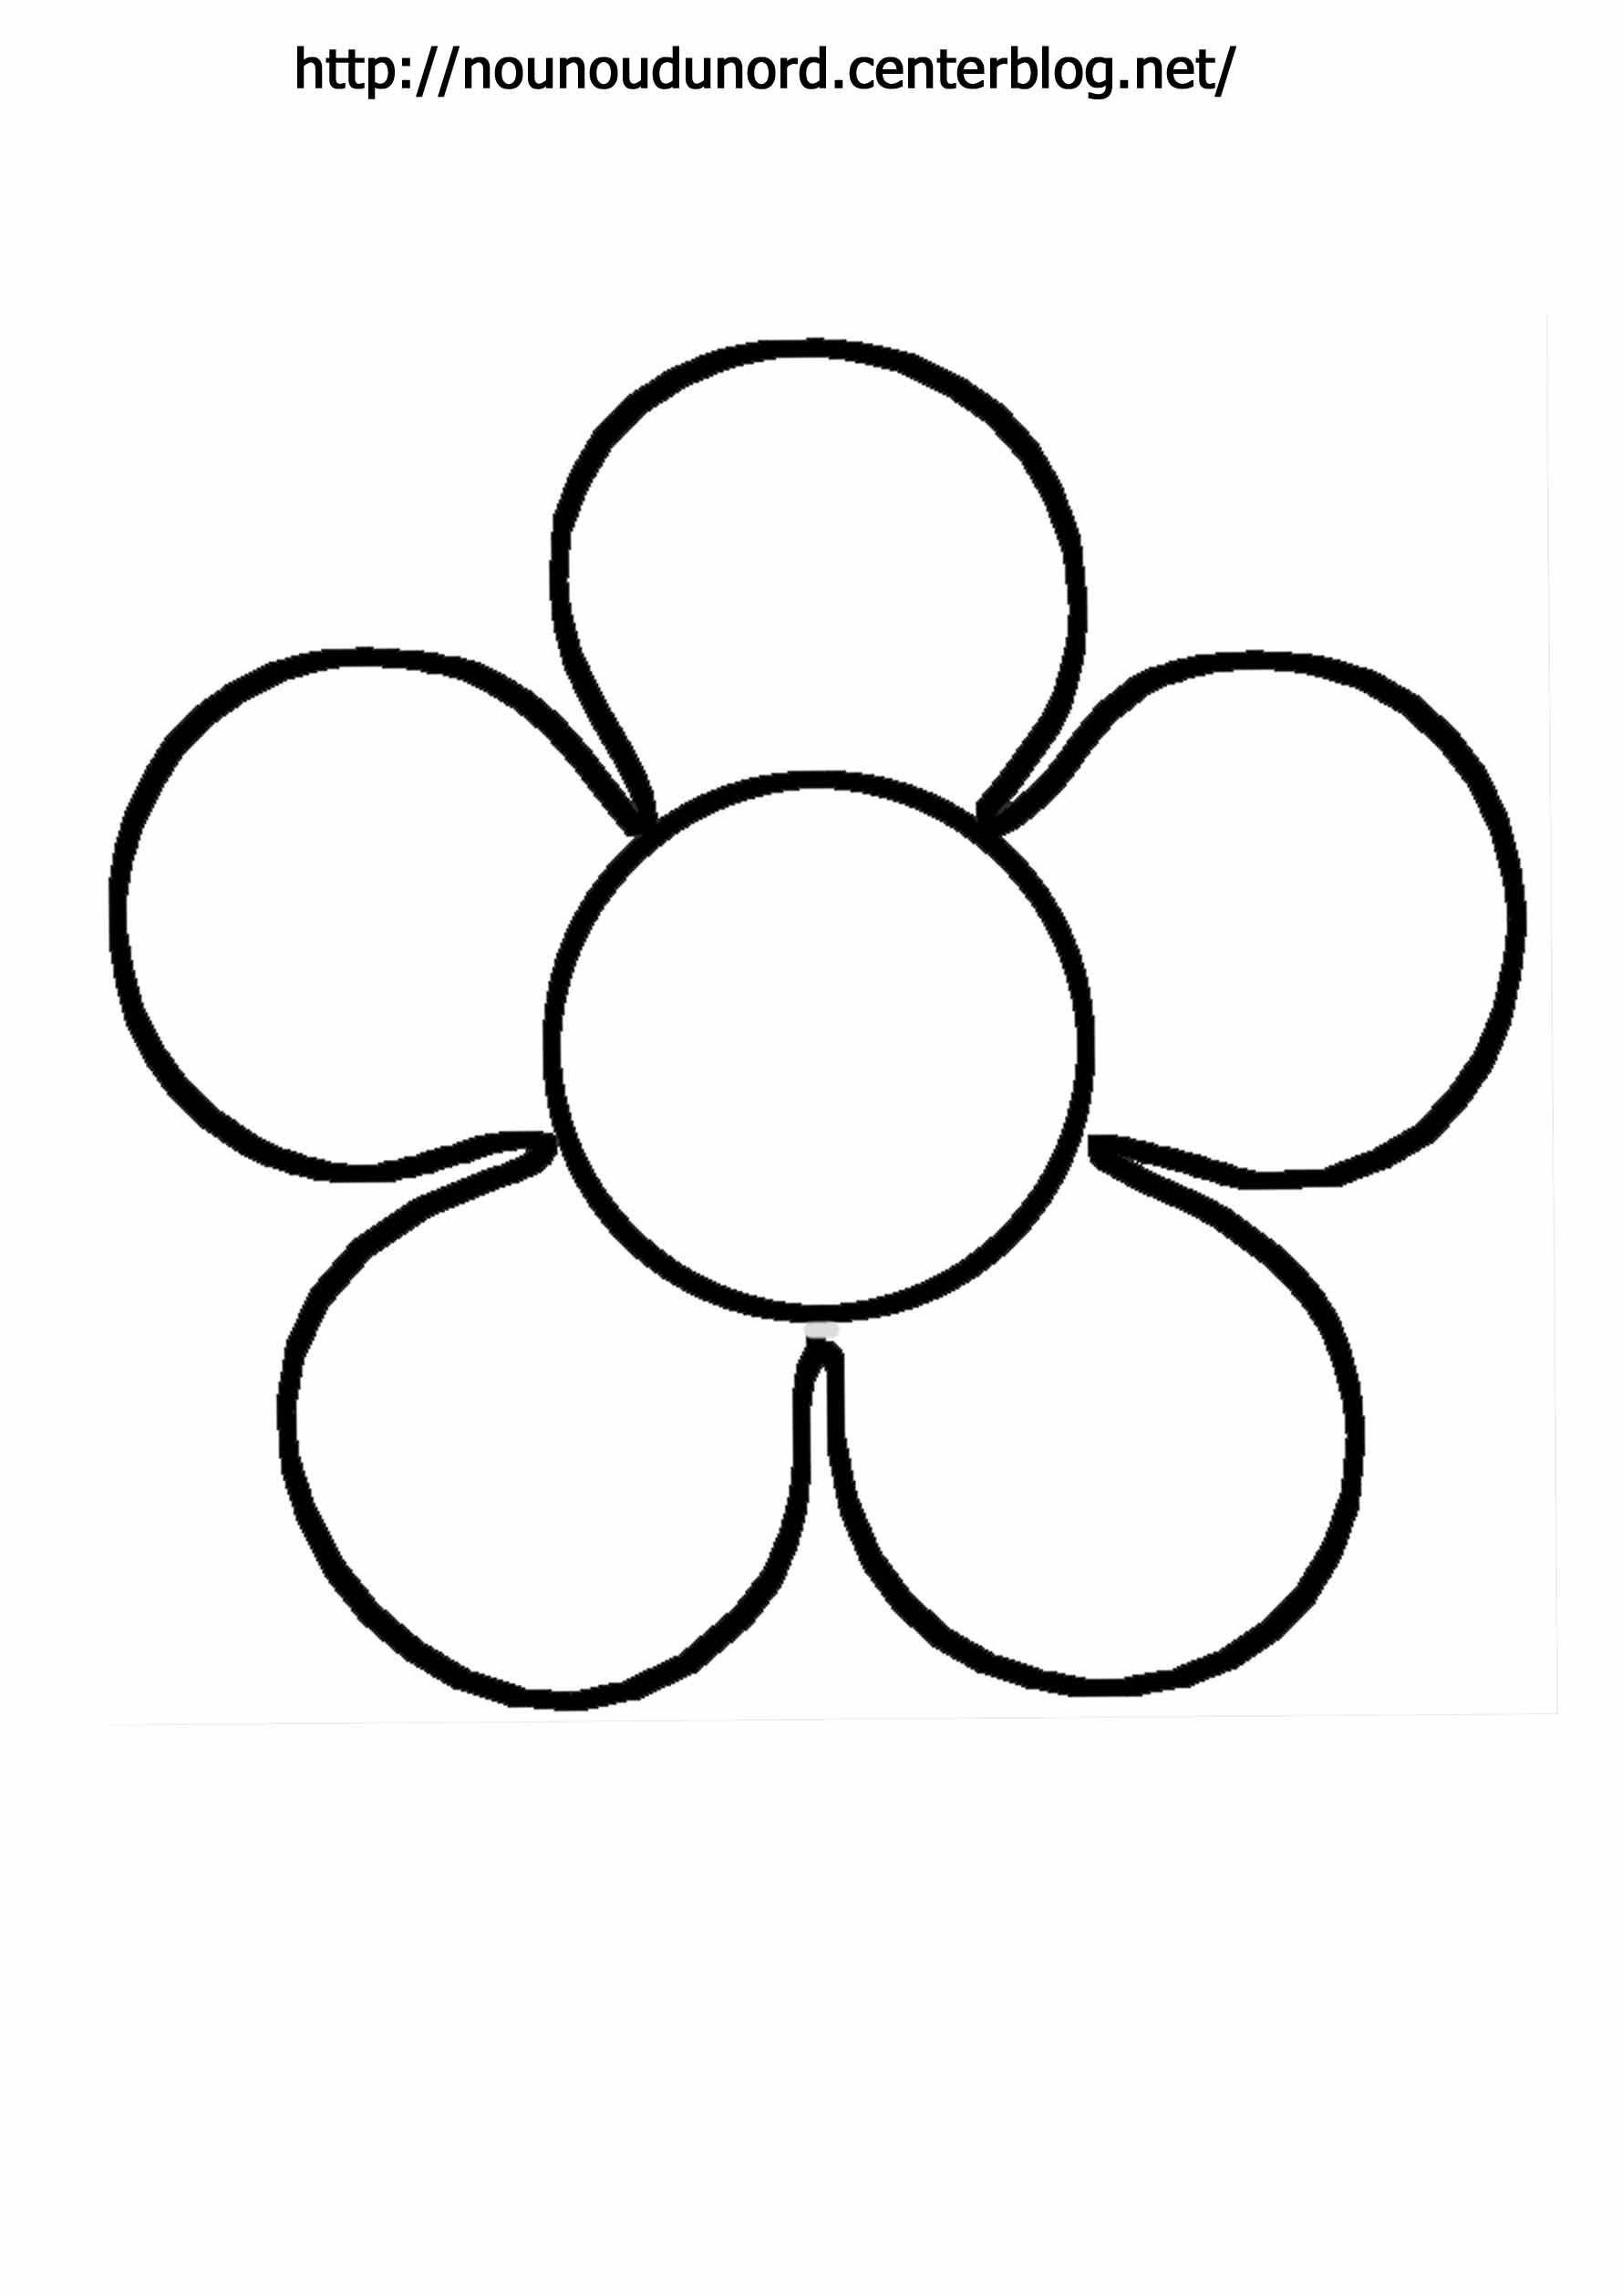 Coloriage Fleur Mario.Coloriage Fleur Sans Tige Coloriages Imprimer Download Fabric